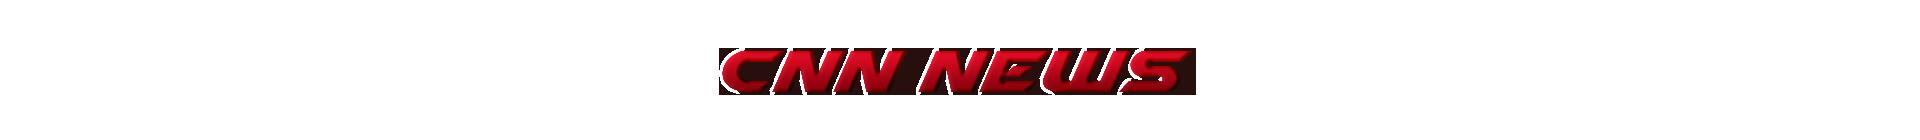 cnn_2